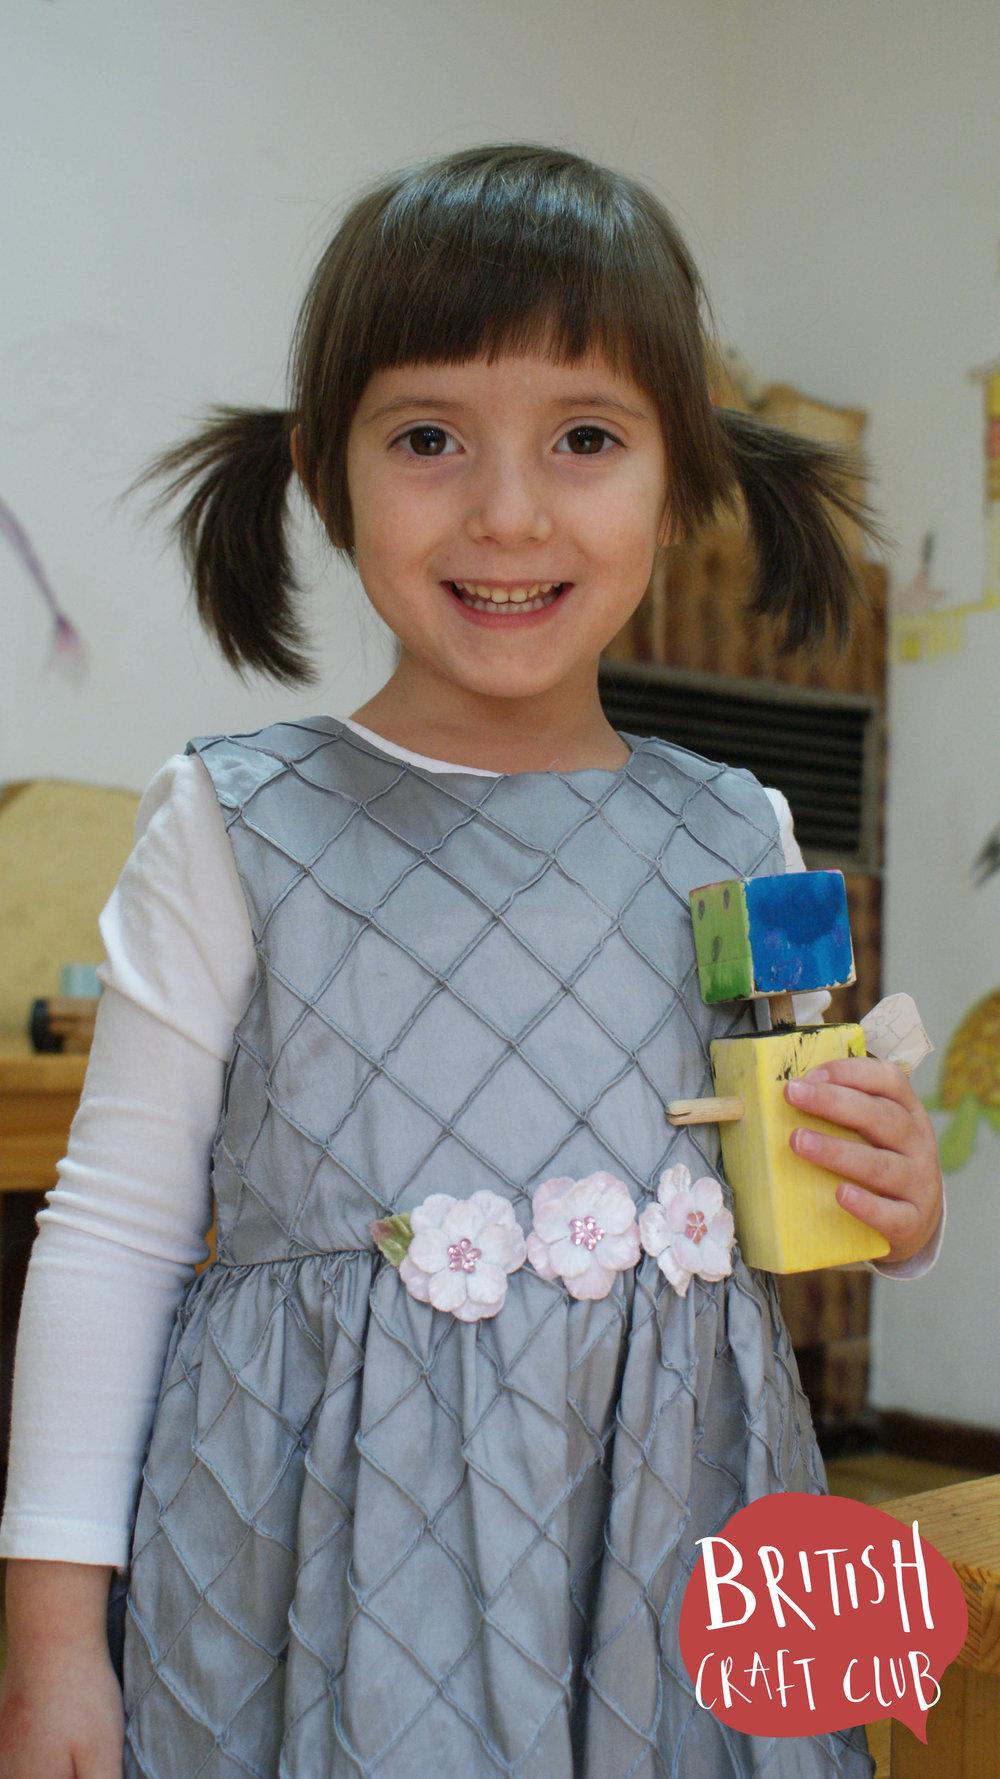 emma-sofia-english-lessons.jpg